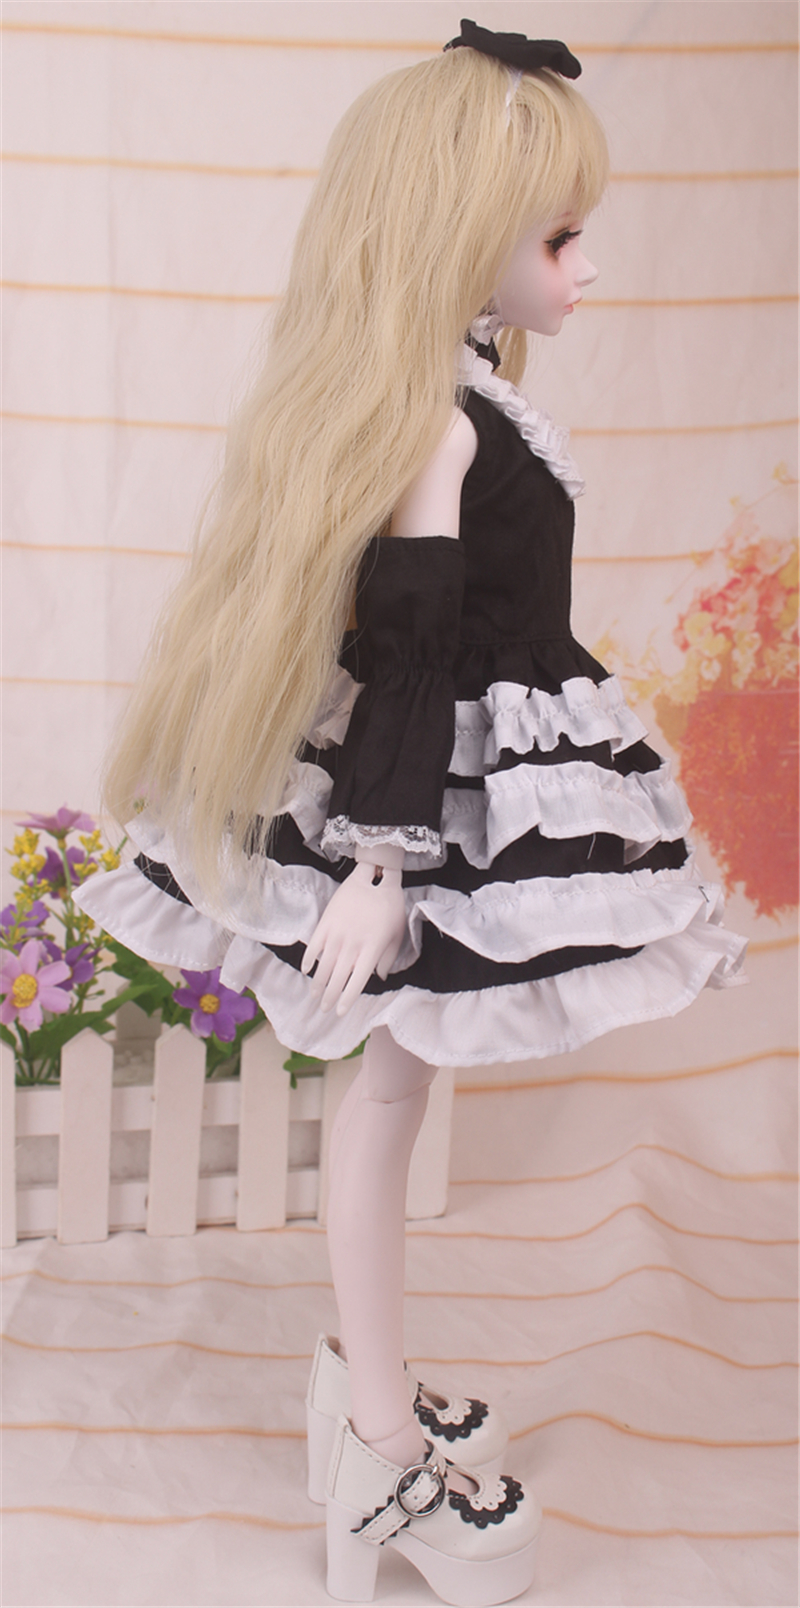 ドール衣装 黒白洋服 スカート BJD衣装 1/4 サイズが注文できる製品図3